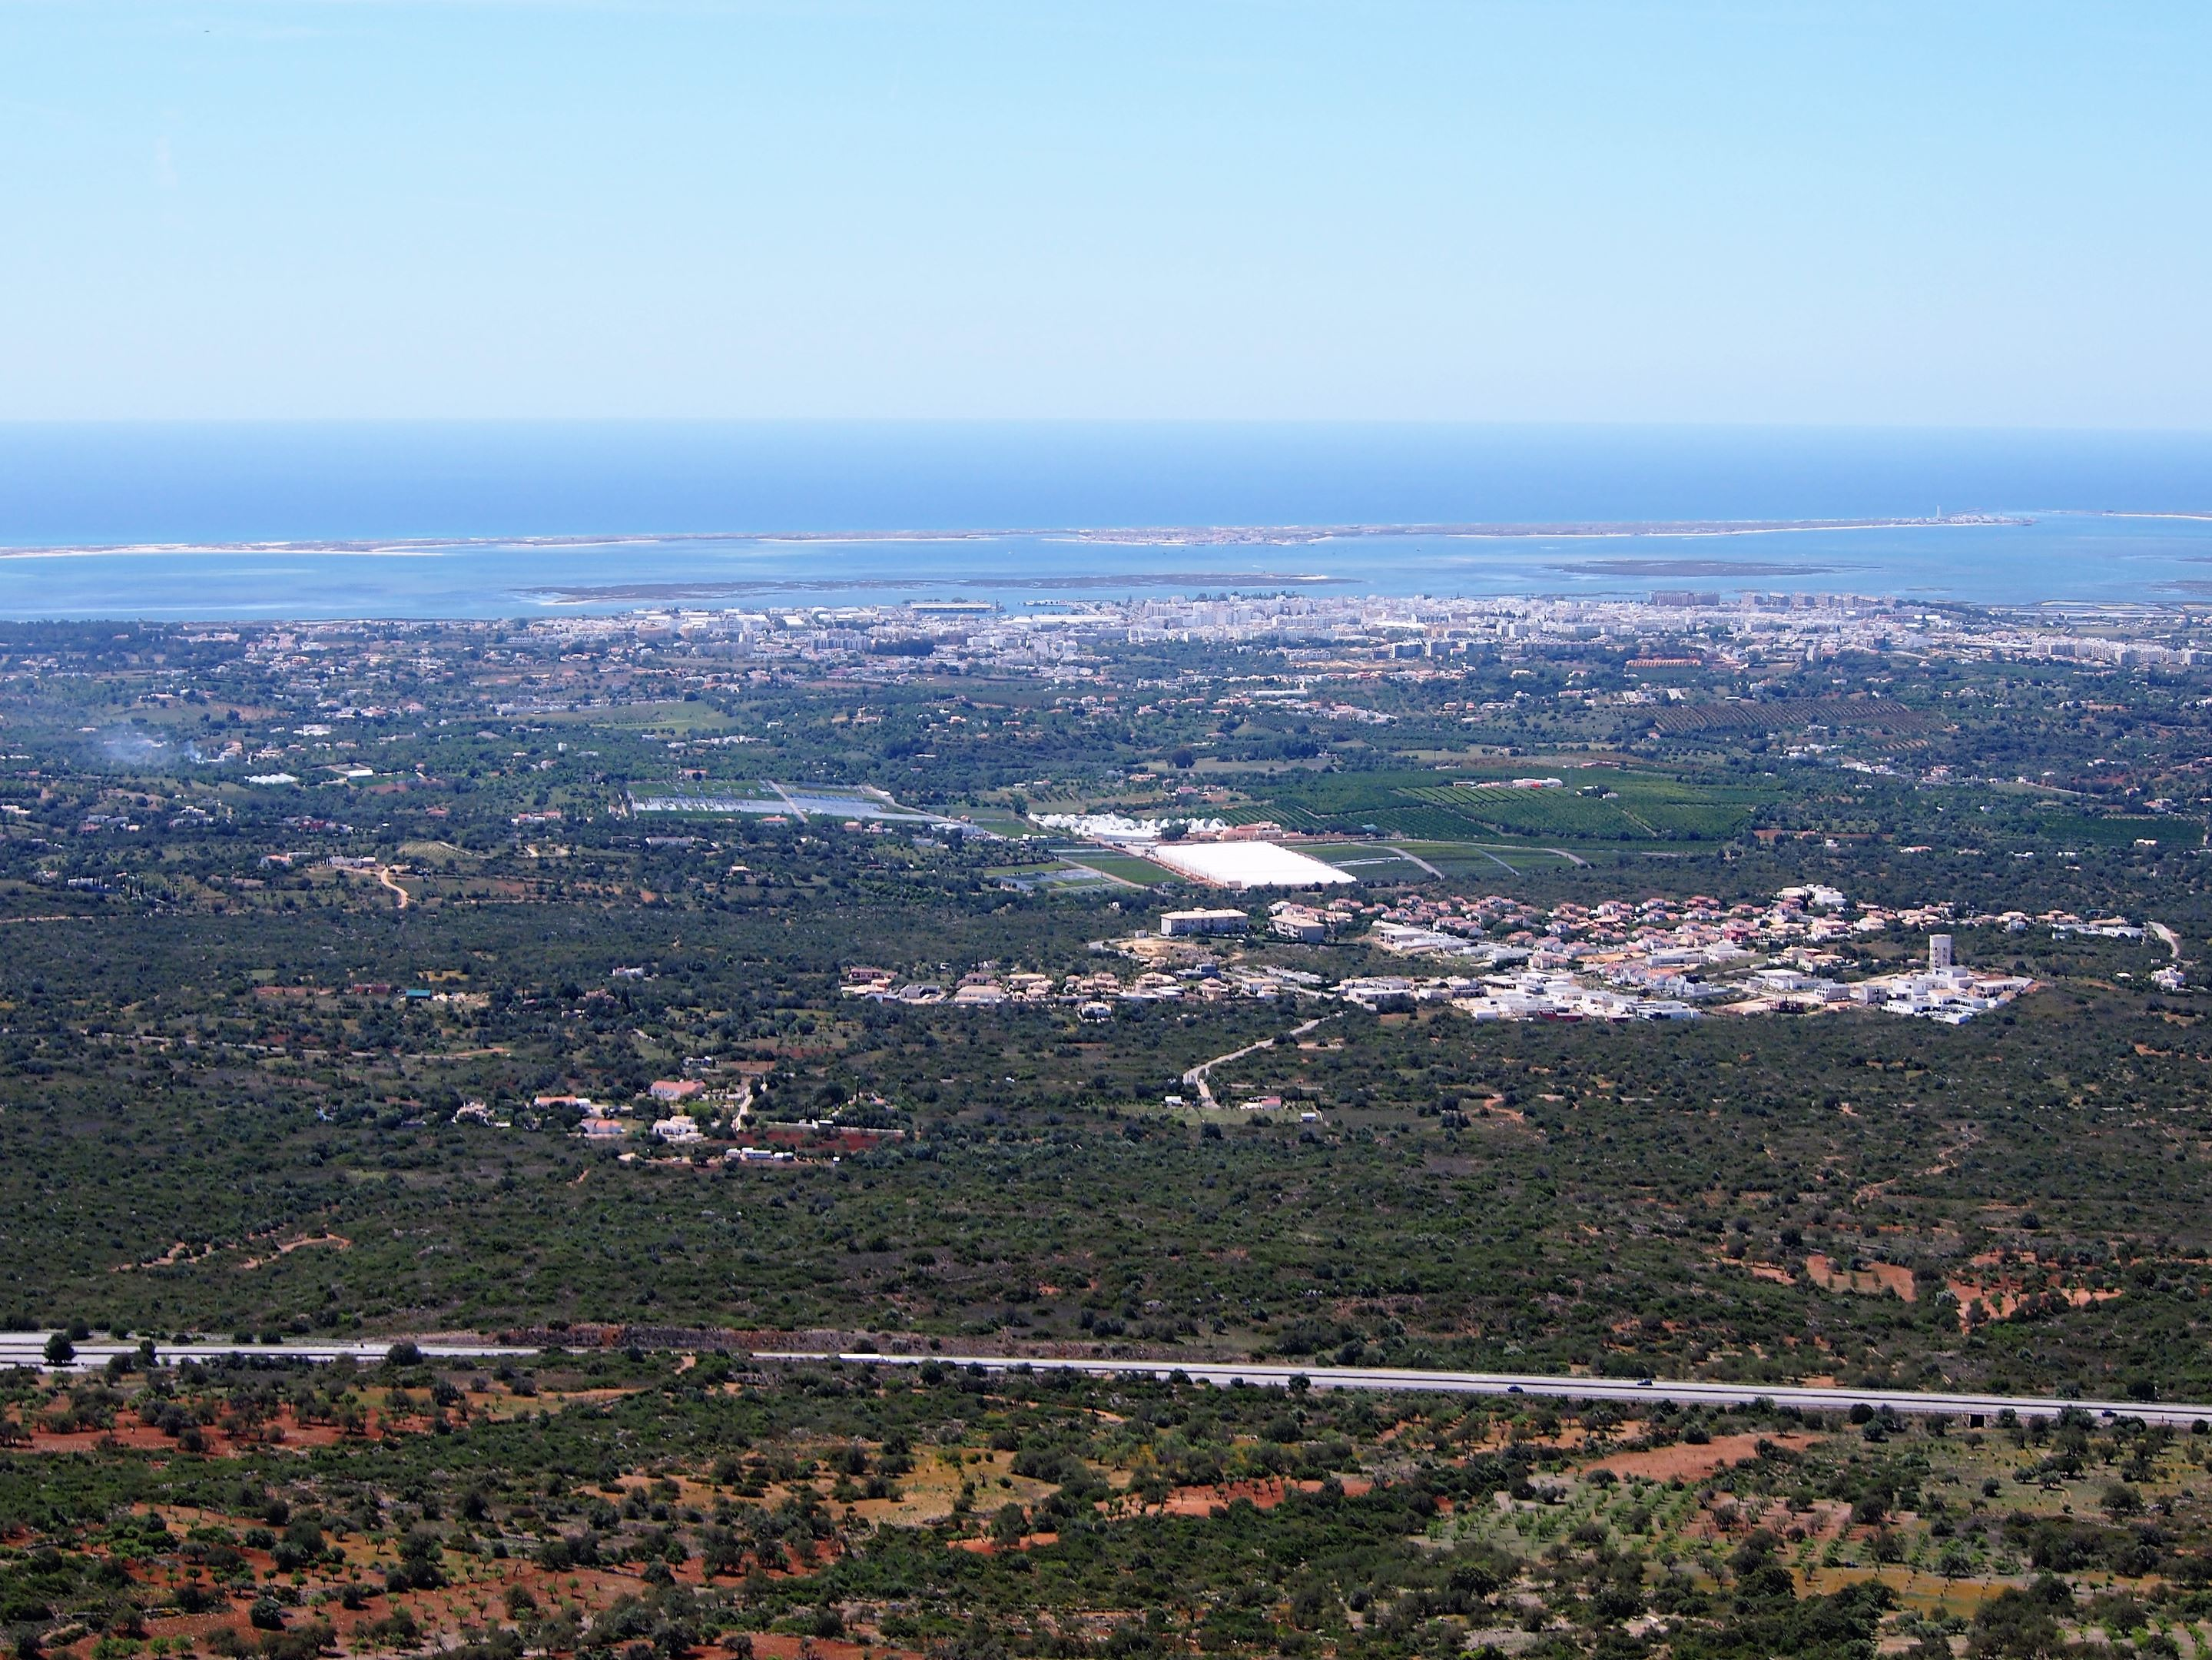 Vistas de Olhão y las islas de Armona y Culatra, desde la cima del Cerro de São Miguel